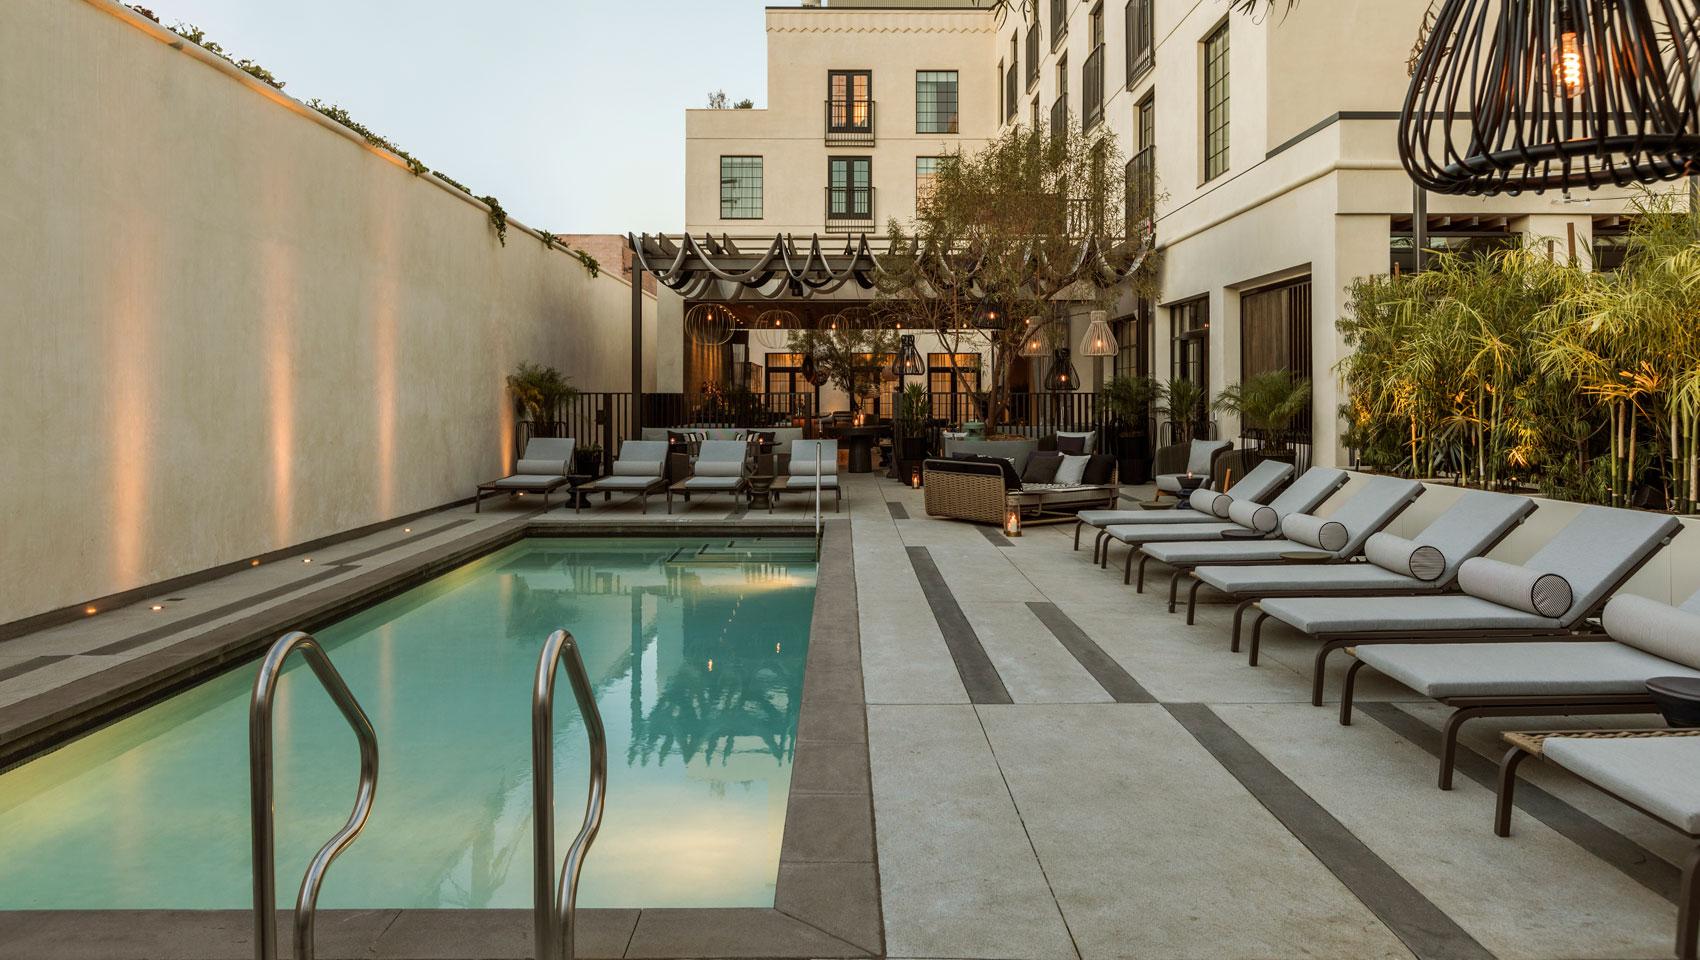 la-peer-backyard-pool-oasis-seating-lounge-chairs-sundeck-patio-edf3702d.jpg